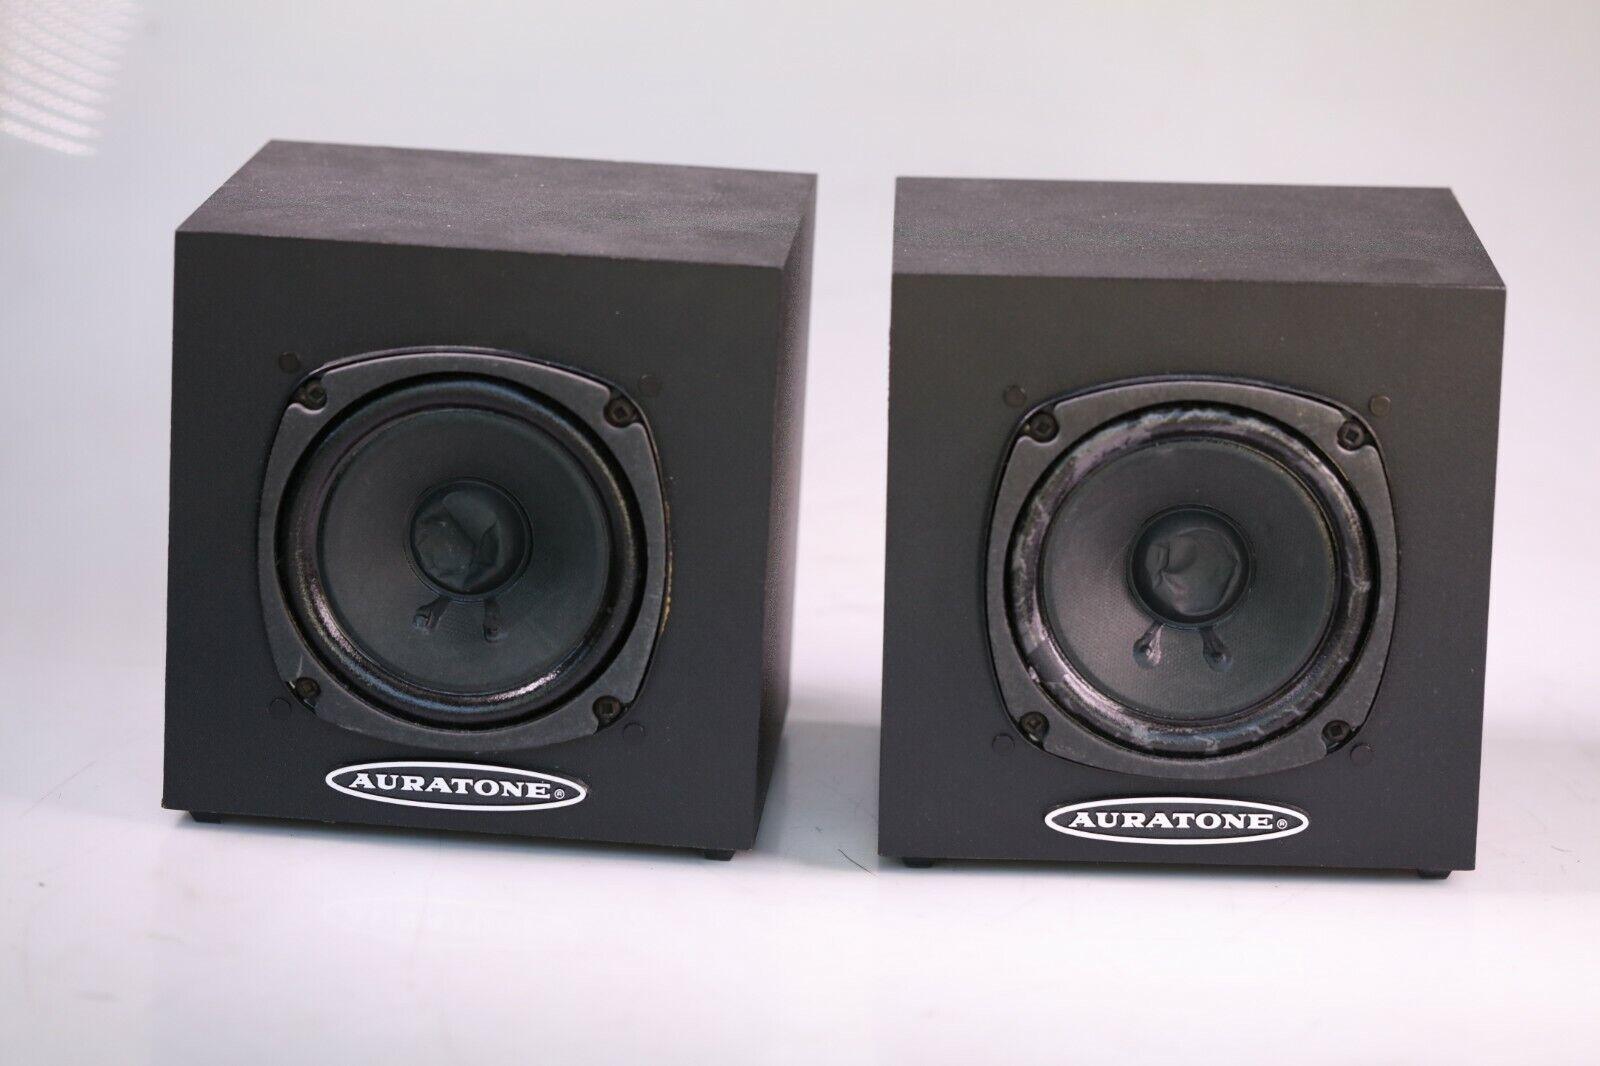 Auratone 5C Sound Cube Passive Monitors Auratones Pair